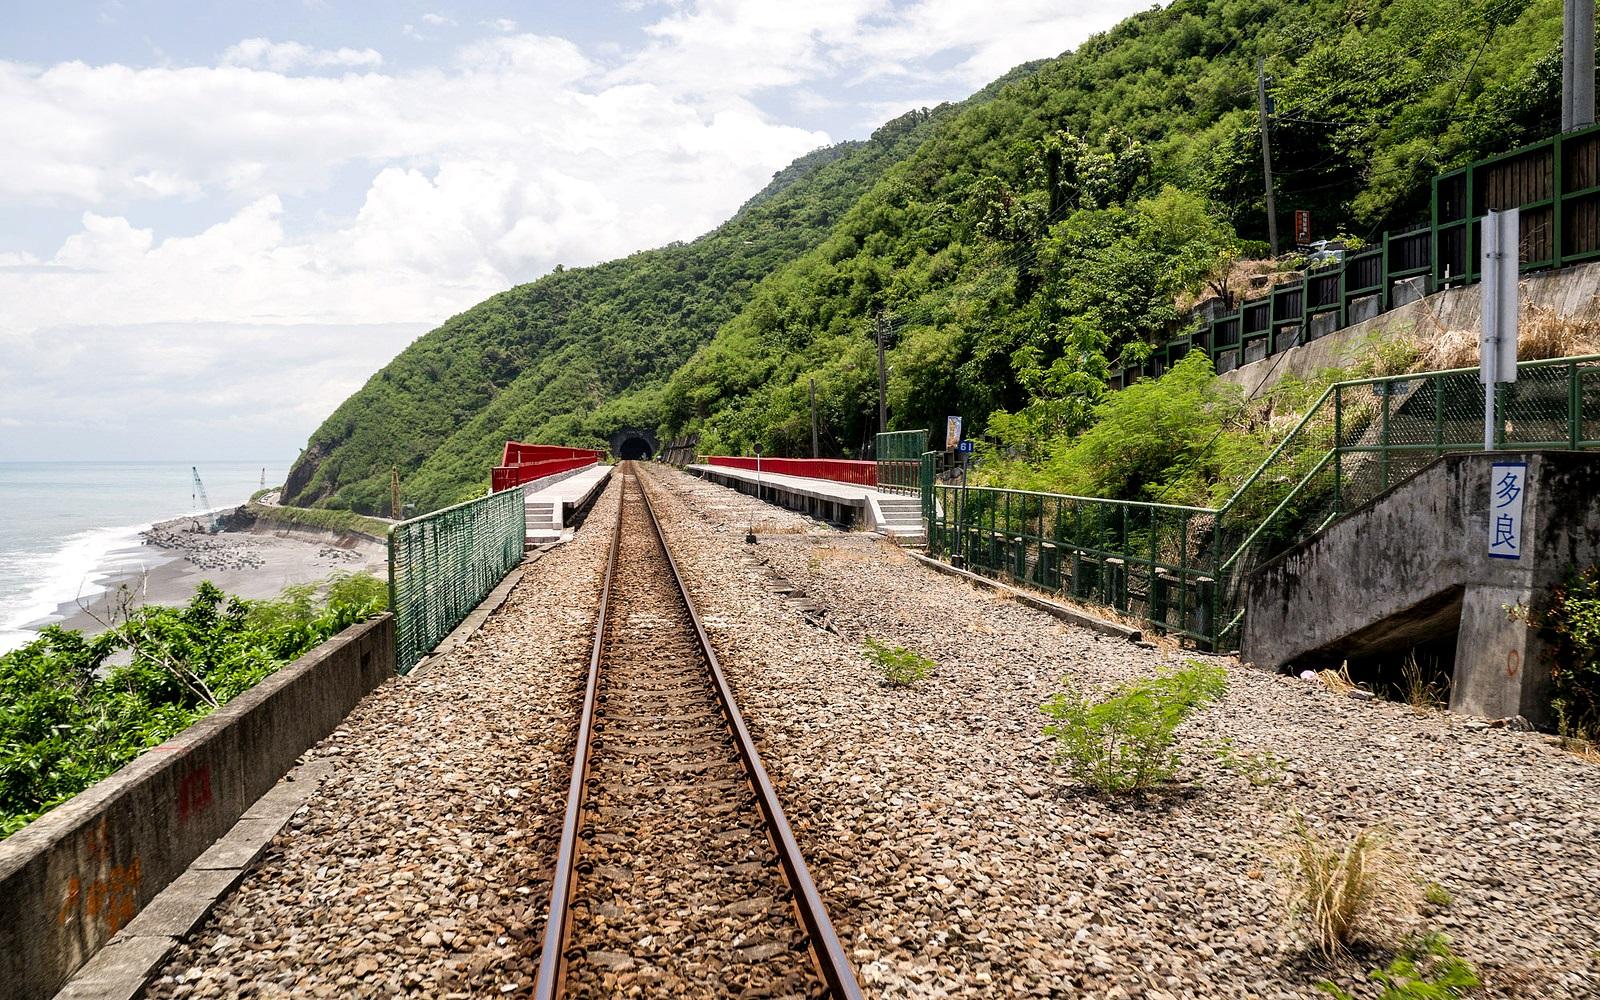 祕境般的多良車站,有種讓人放鬆的神奇氛圍。(Flickr授權作者-billy1125)